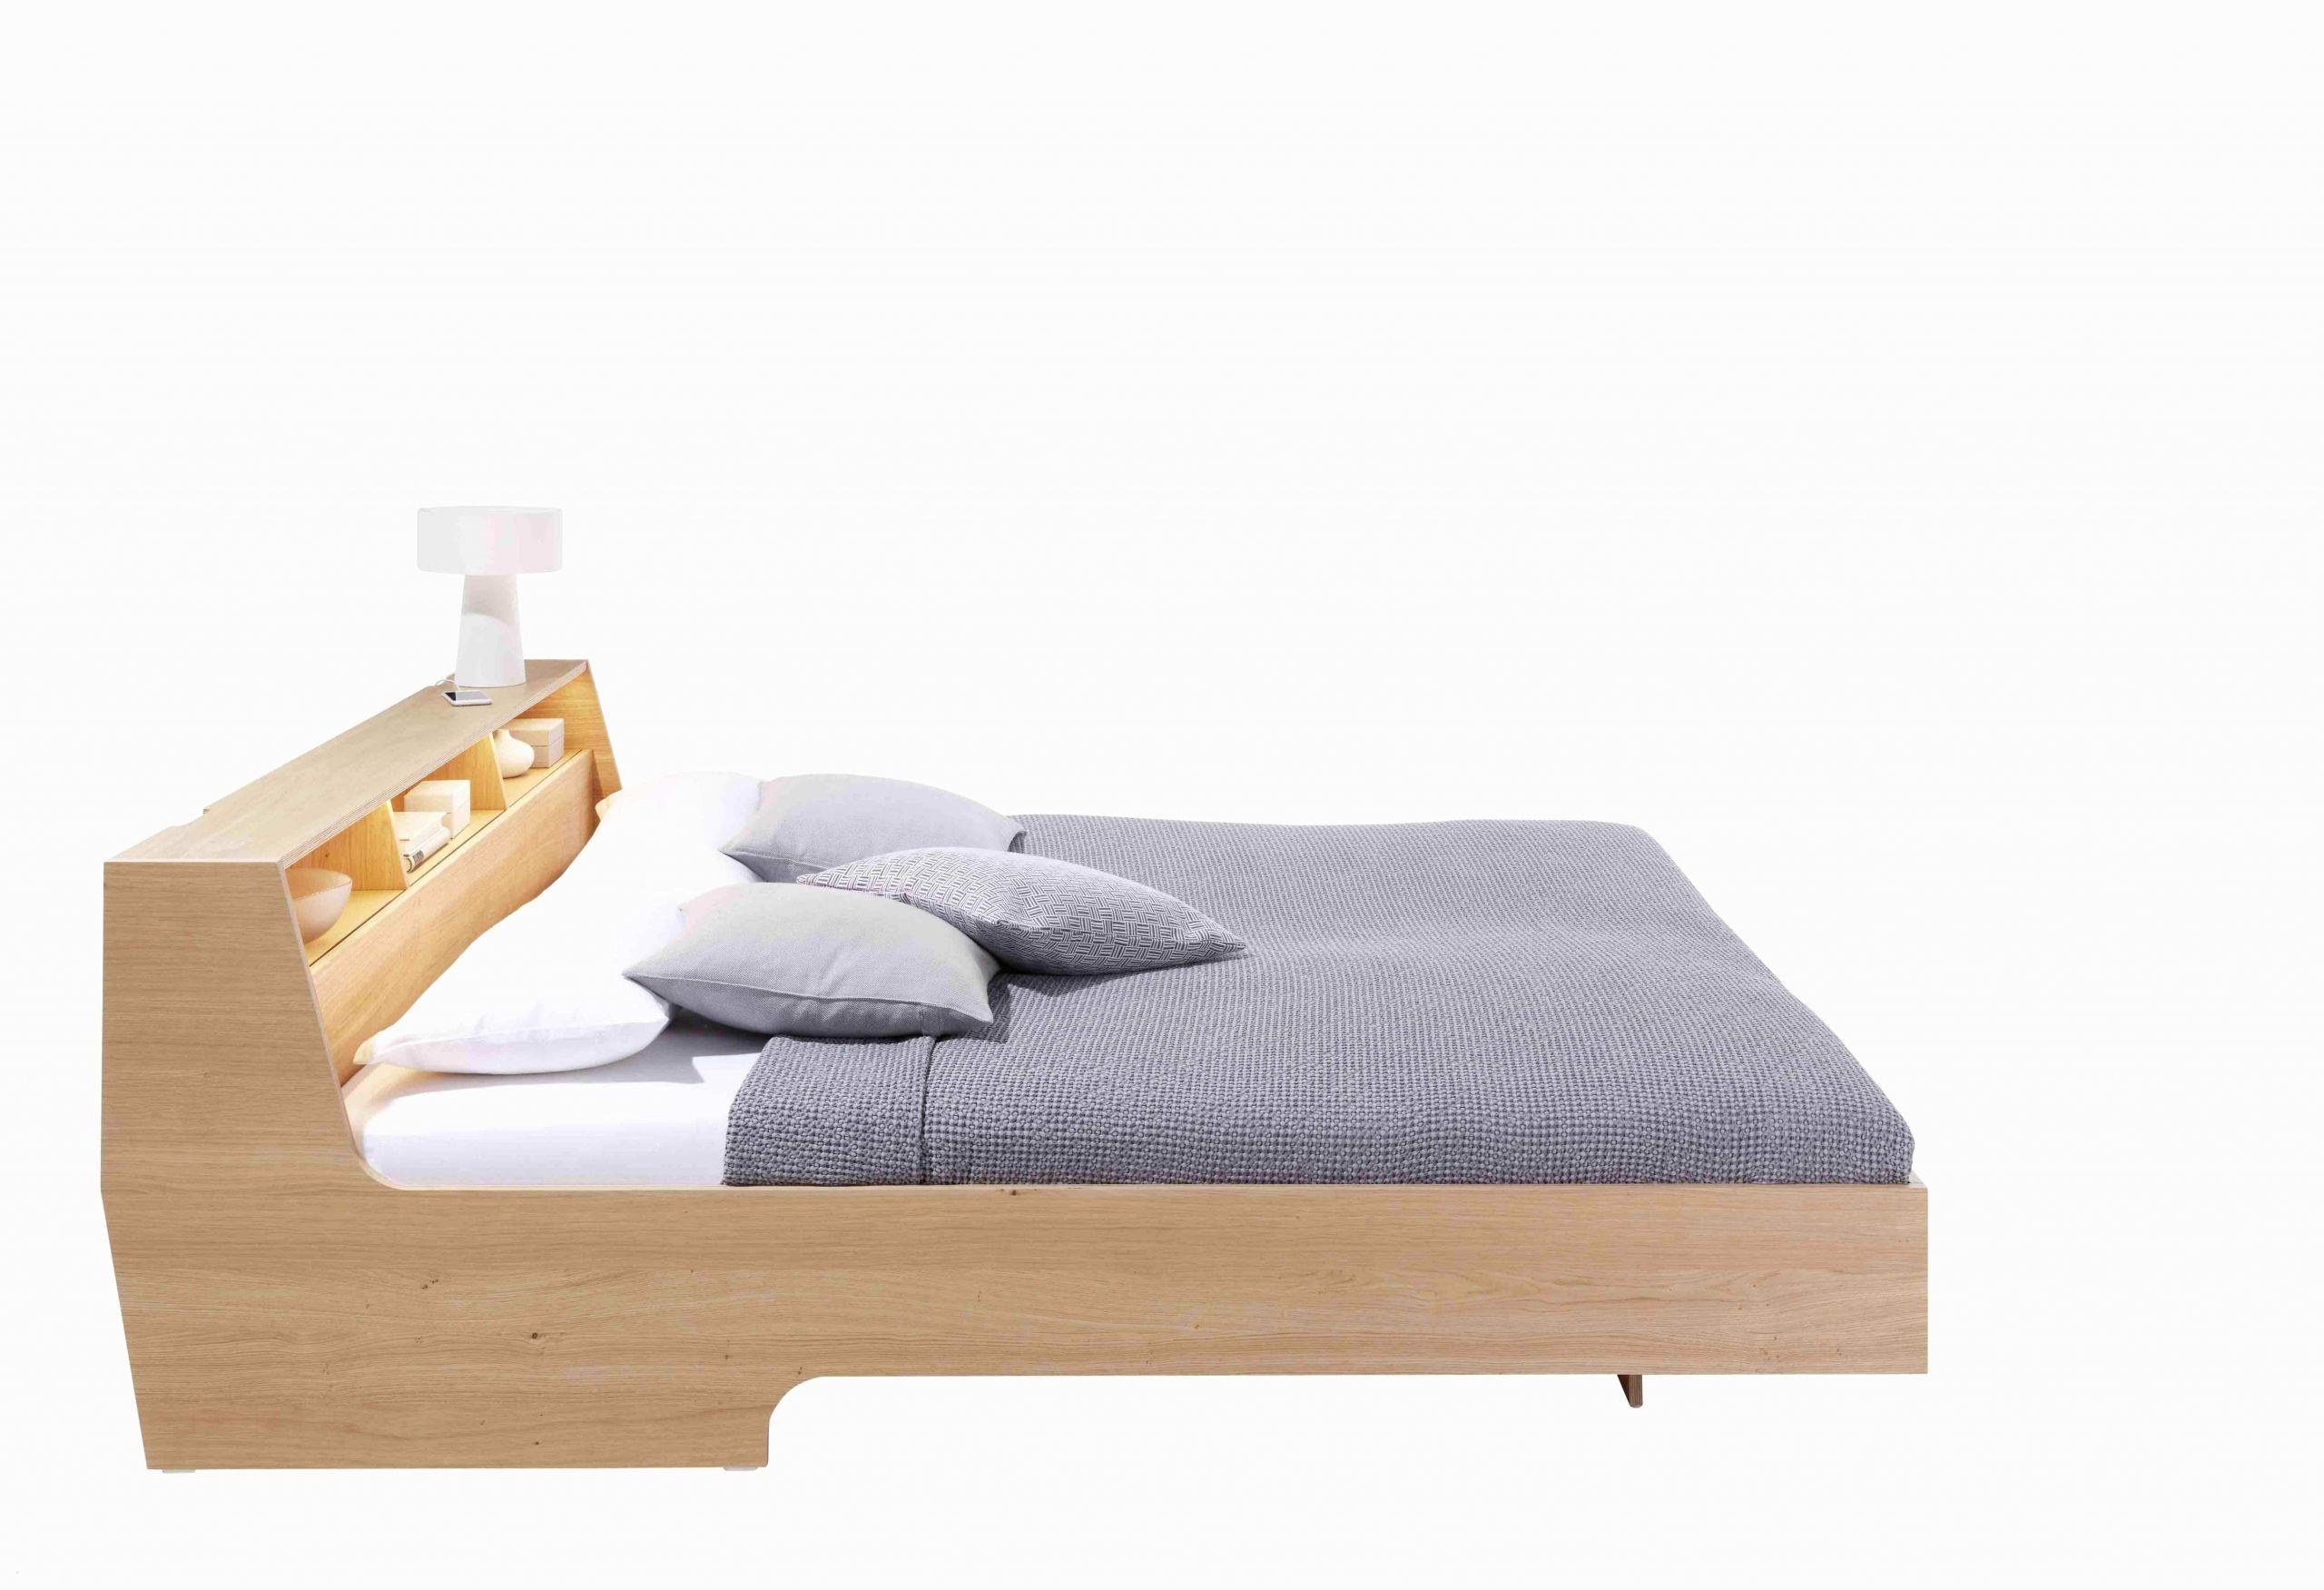 Full Size of Poco Bett 39 Das Beste Von Im Wohnzimmer Integrieren Elegant Selber Zusammenstellen Altes 90x200 Mit Lattenrost Und Matratze Weiß Wasser 180x220 140 Bett Poco Bett